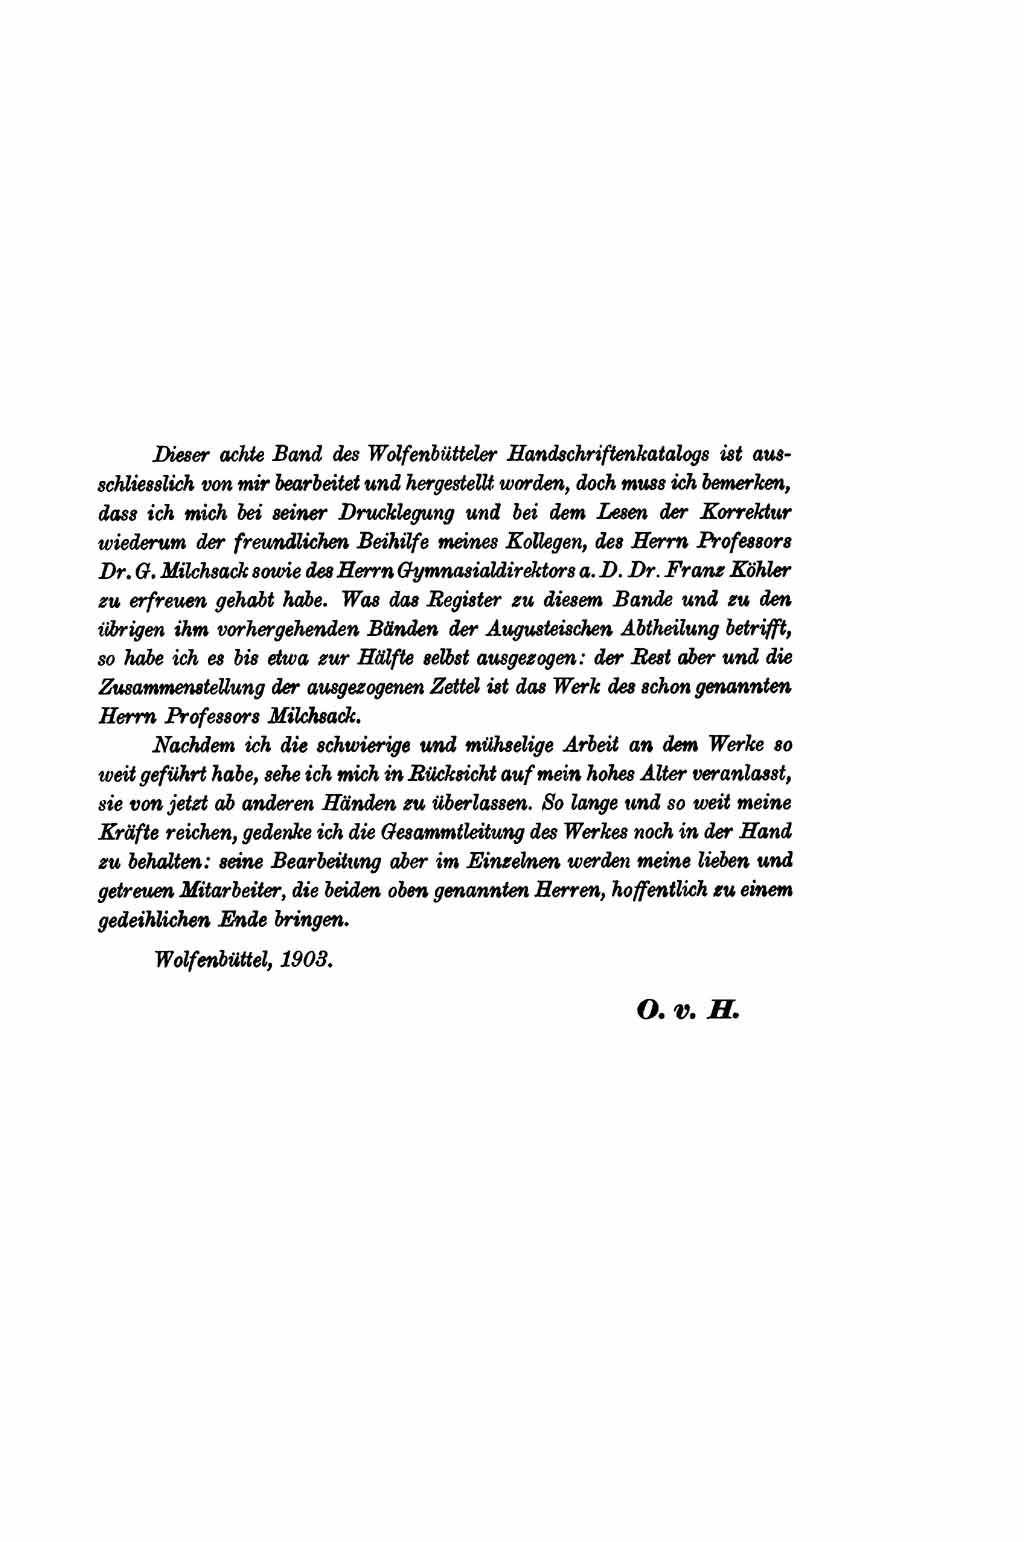 https://diglib.hab.de/drucke/f4f-539-8/00011.jpg